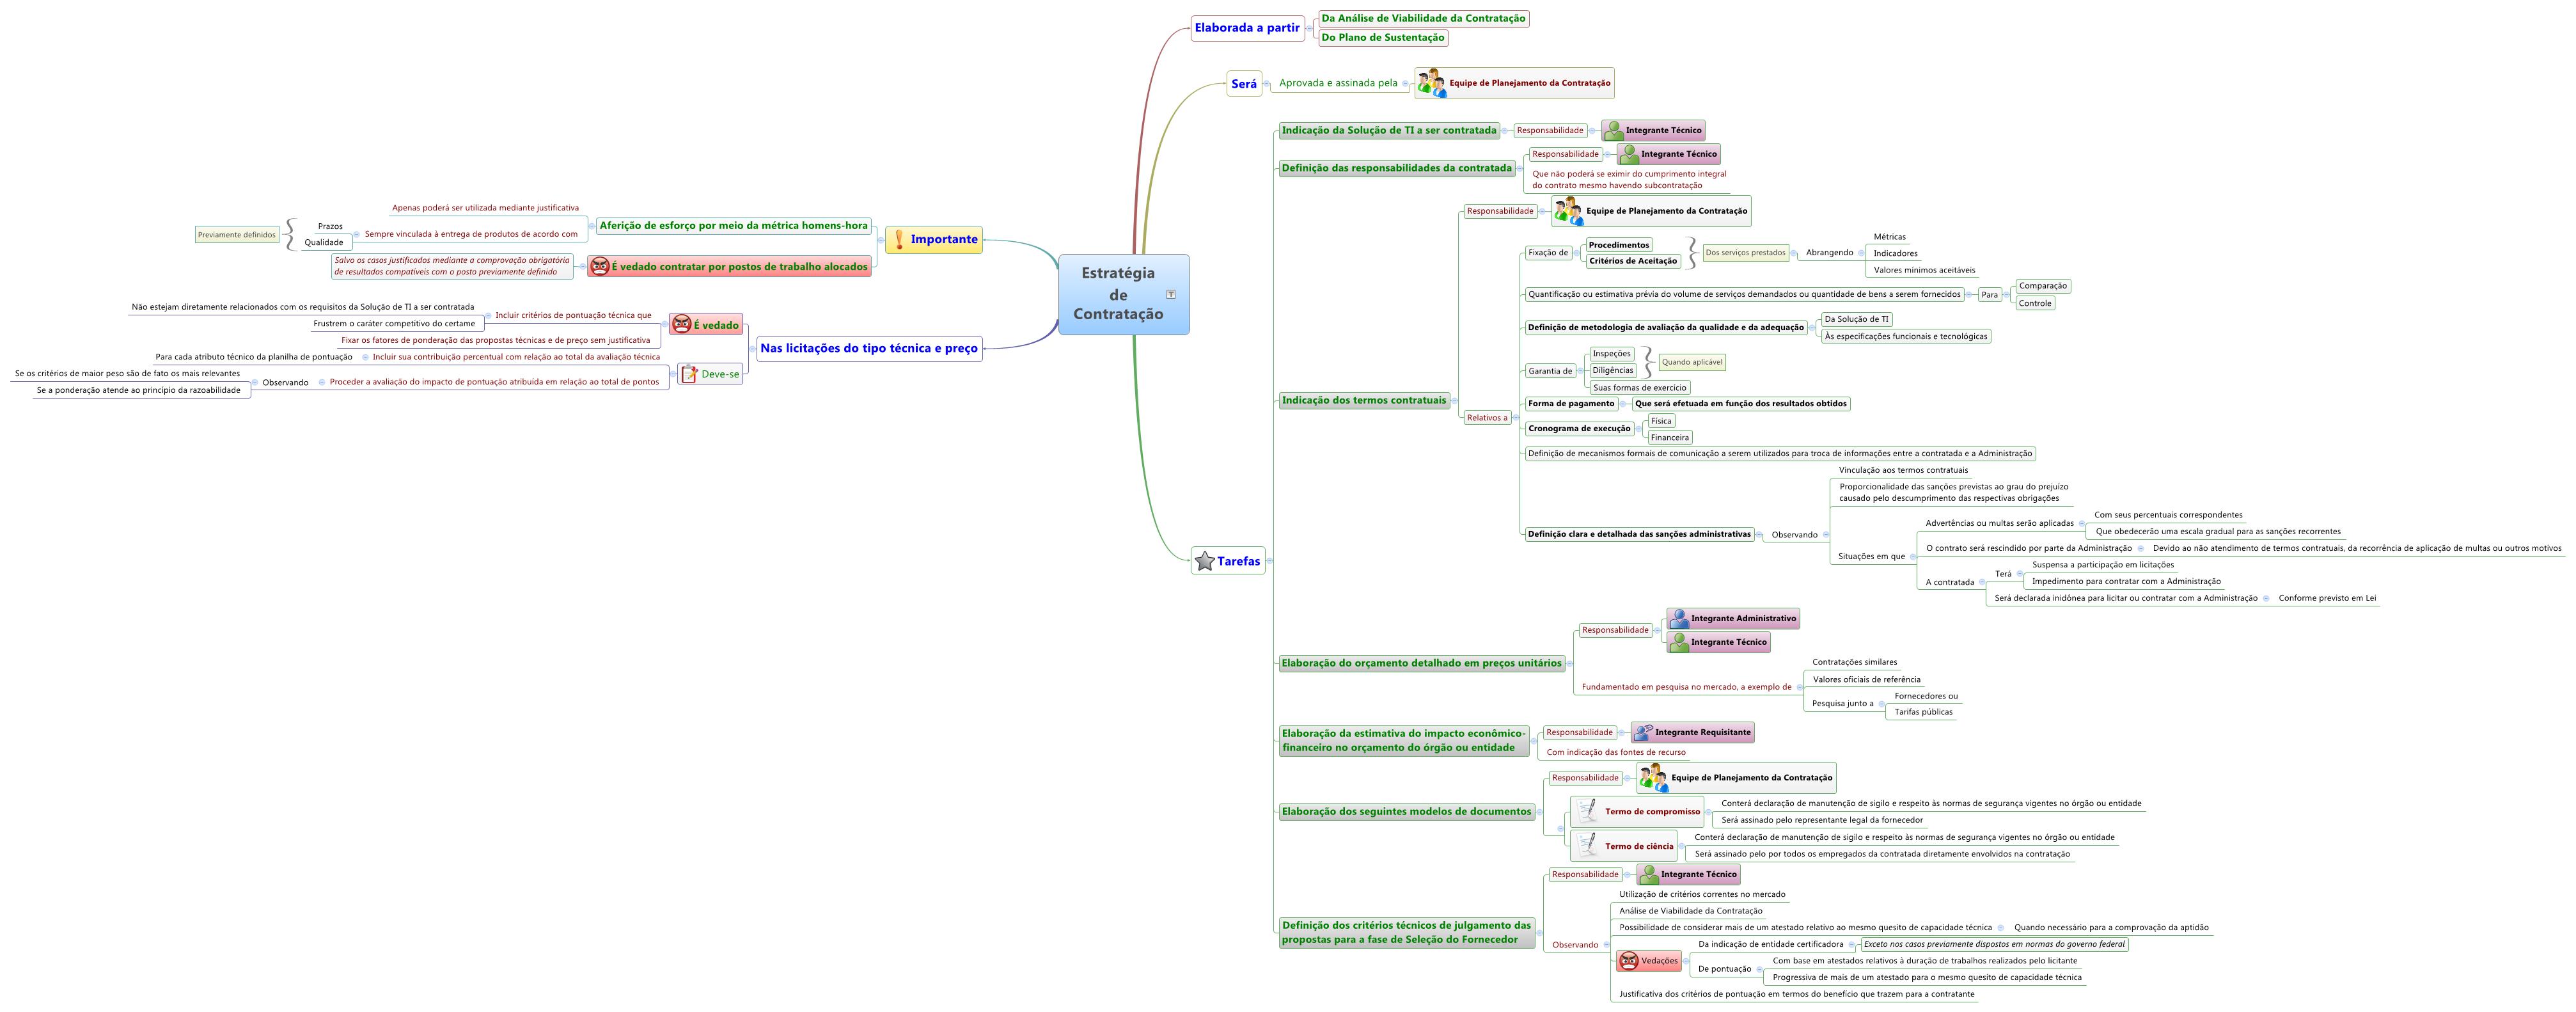 Mapa mental da Estratégia de Contratação